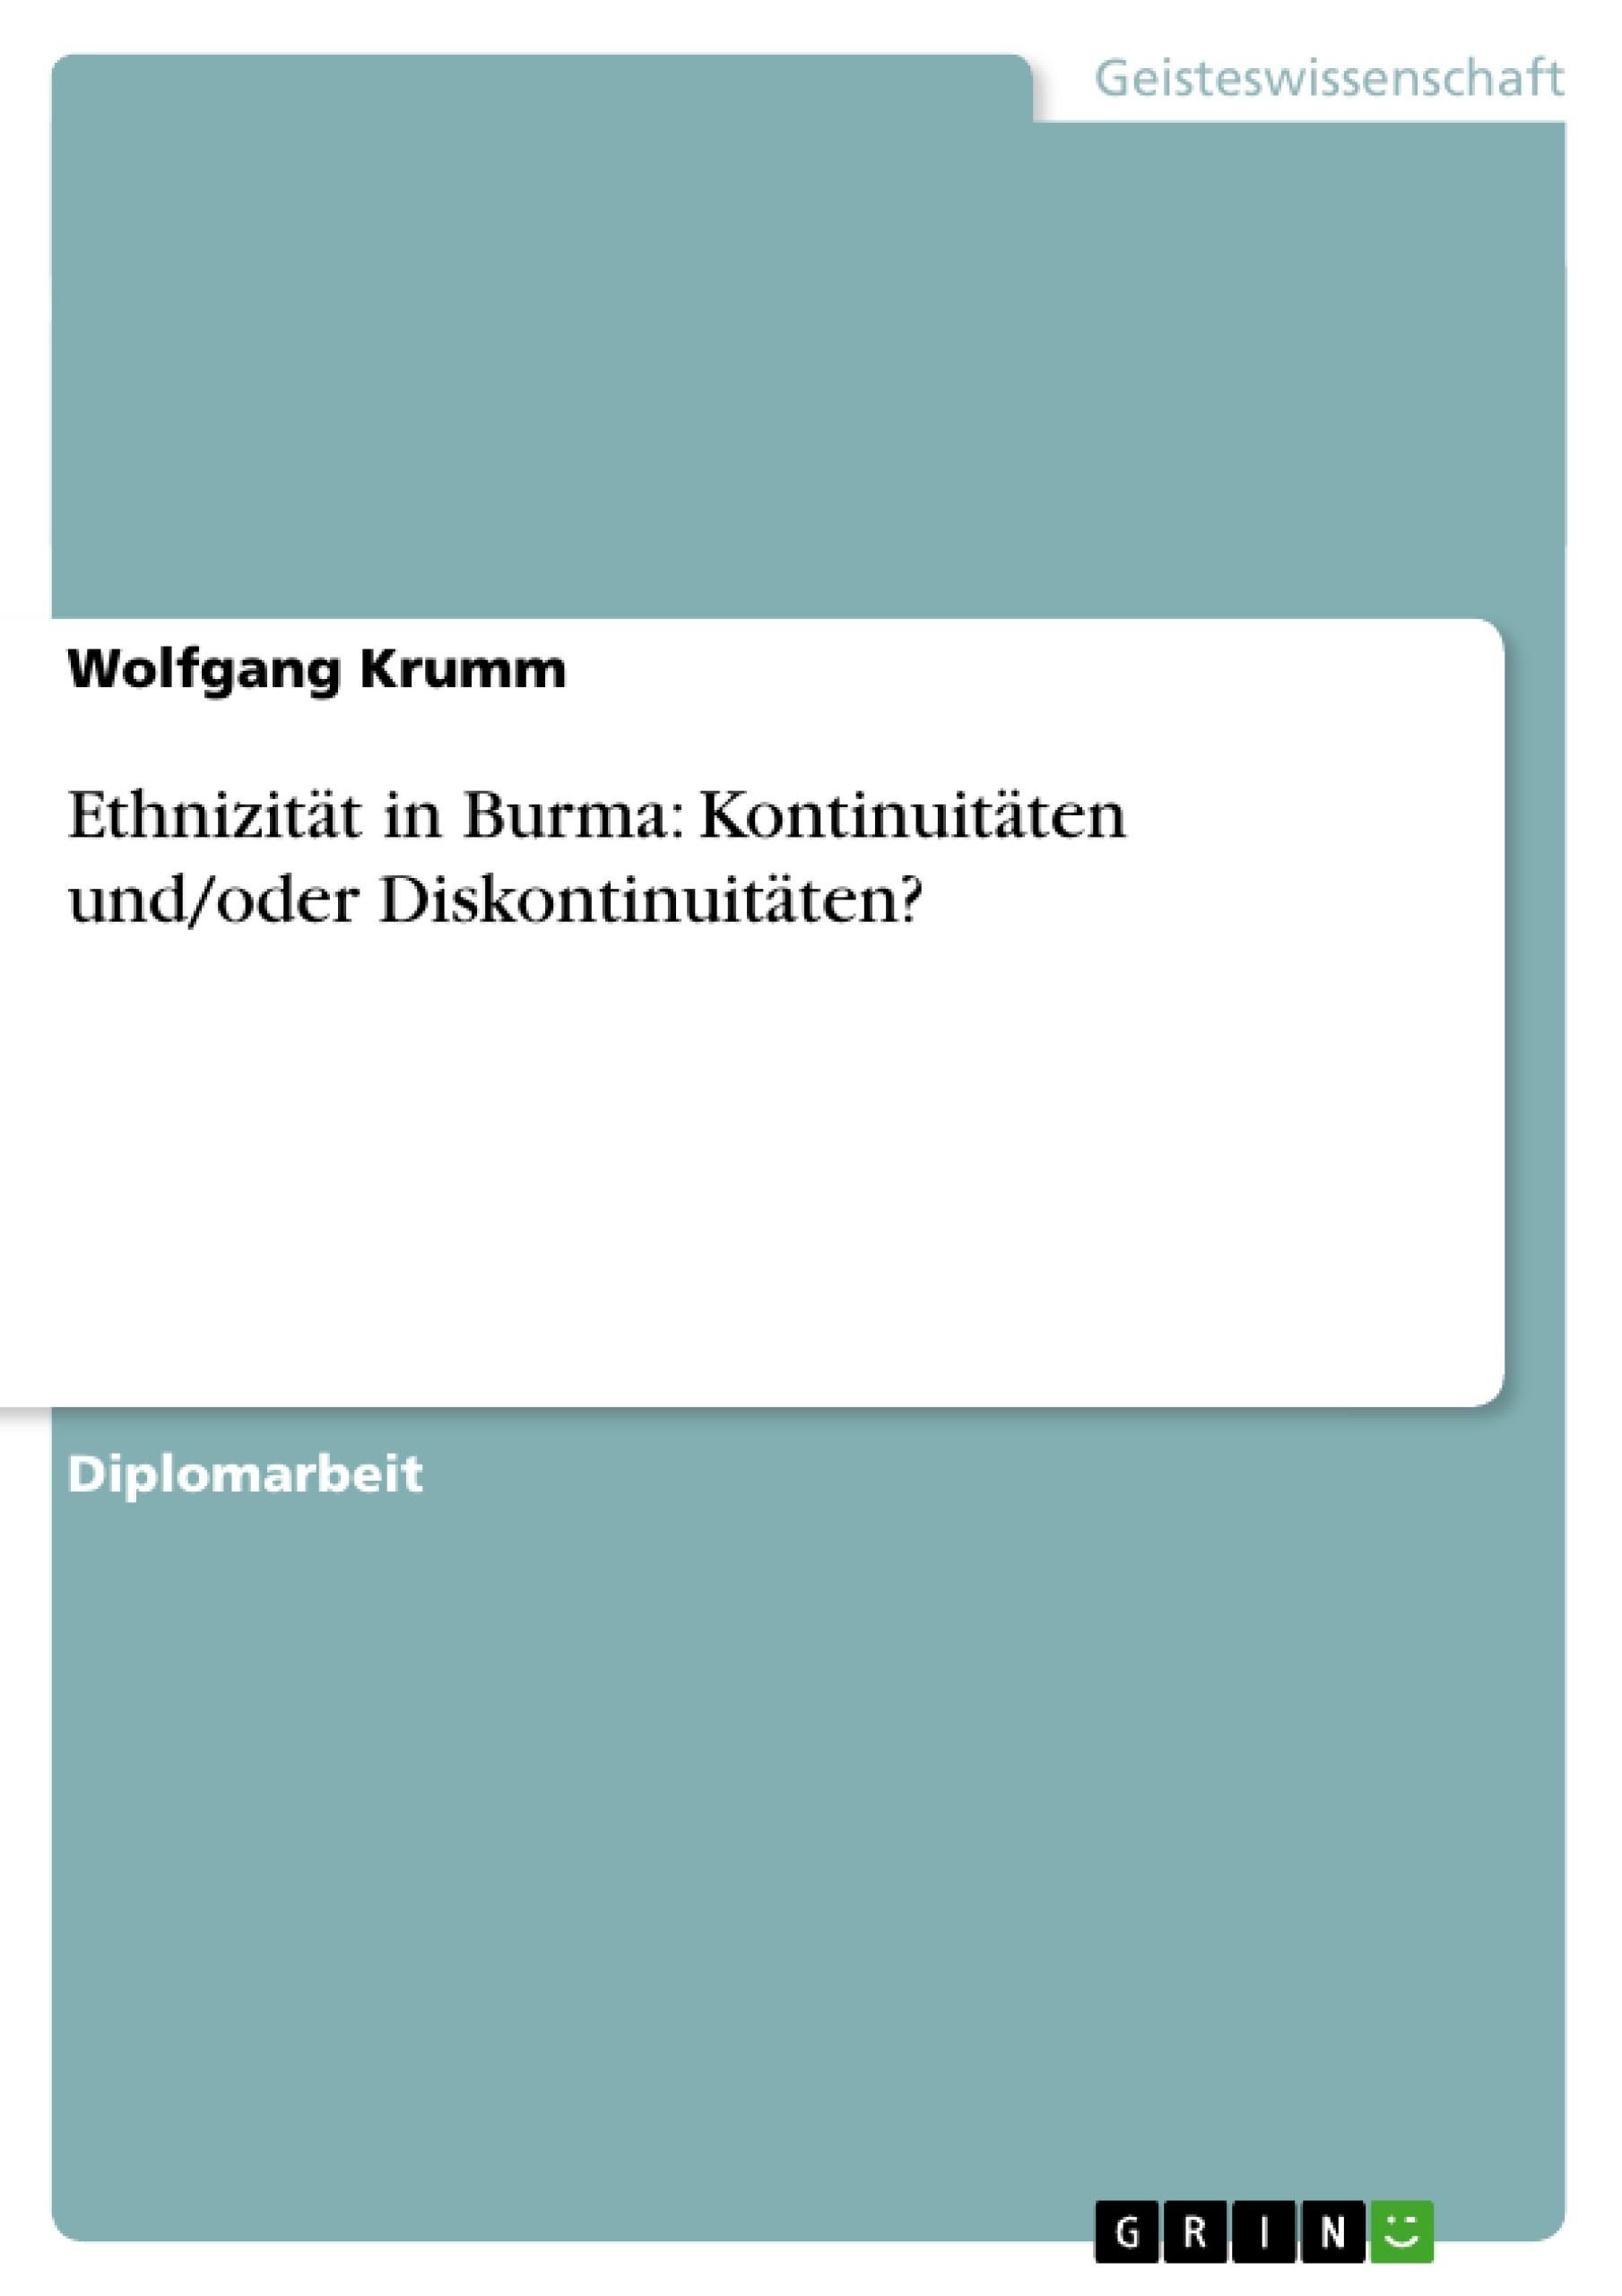 Titel: Ethnizität in Burma: Kontinuitäten und/oder Diskontinuitäten?